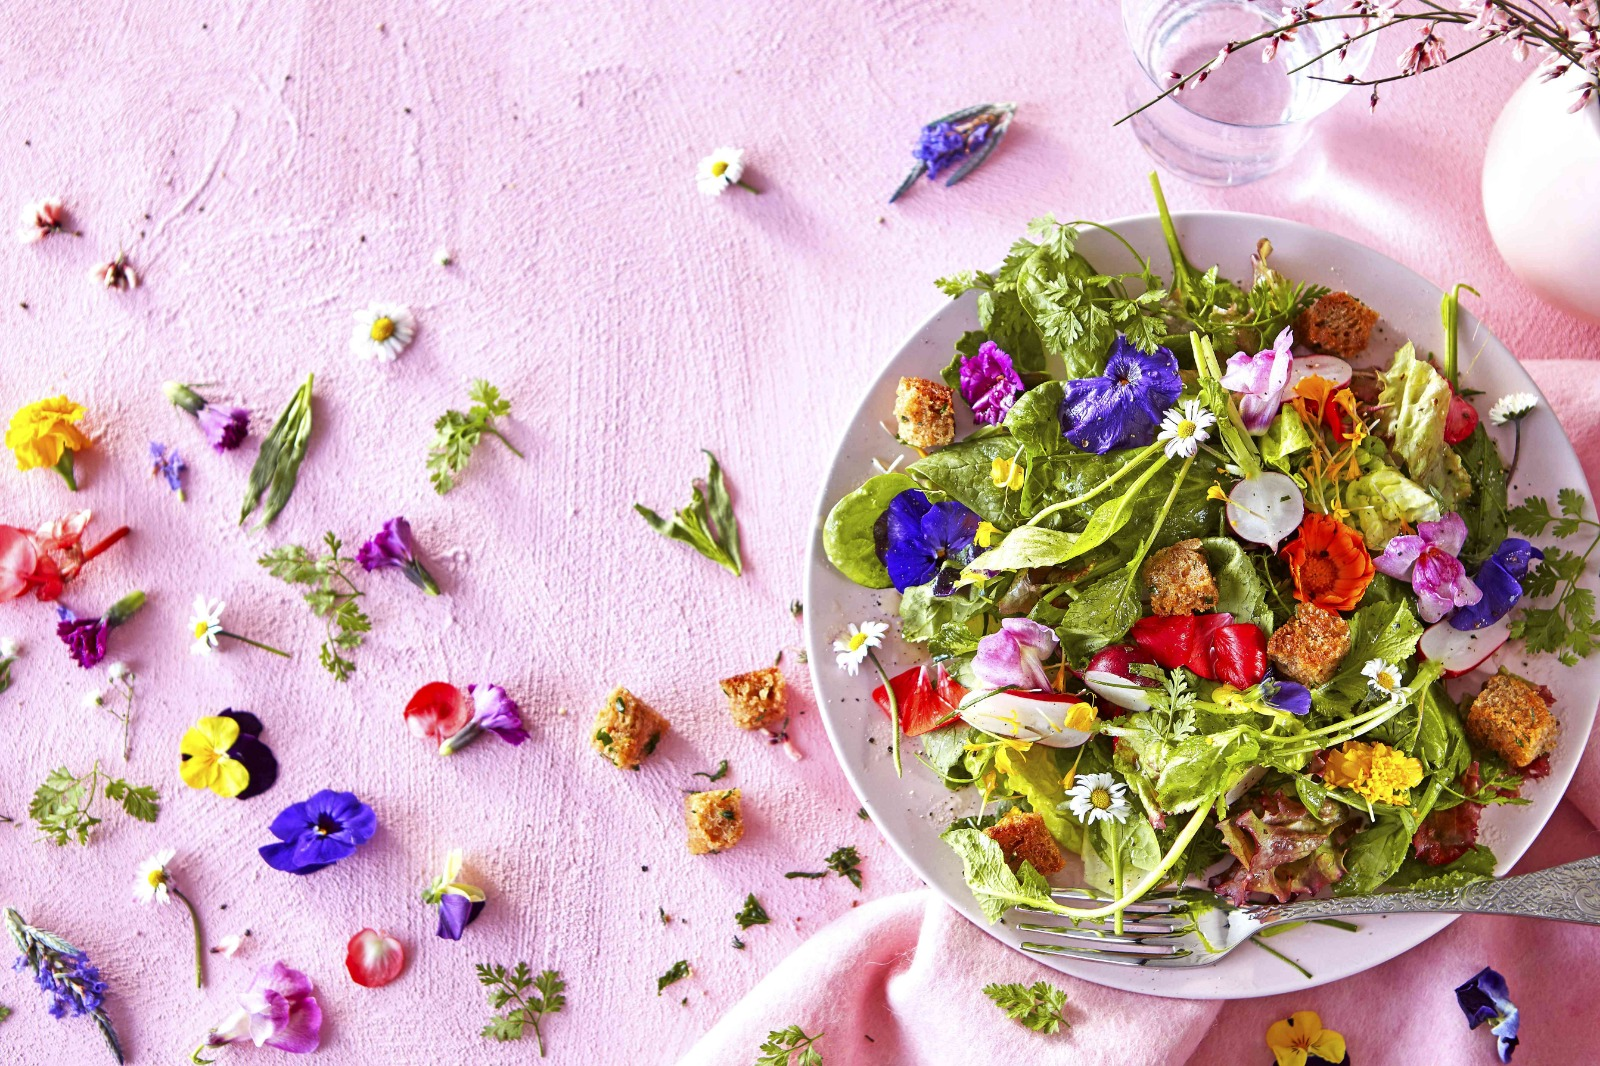 Salade van kruiden en bloemen